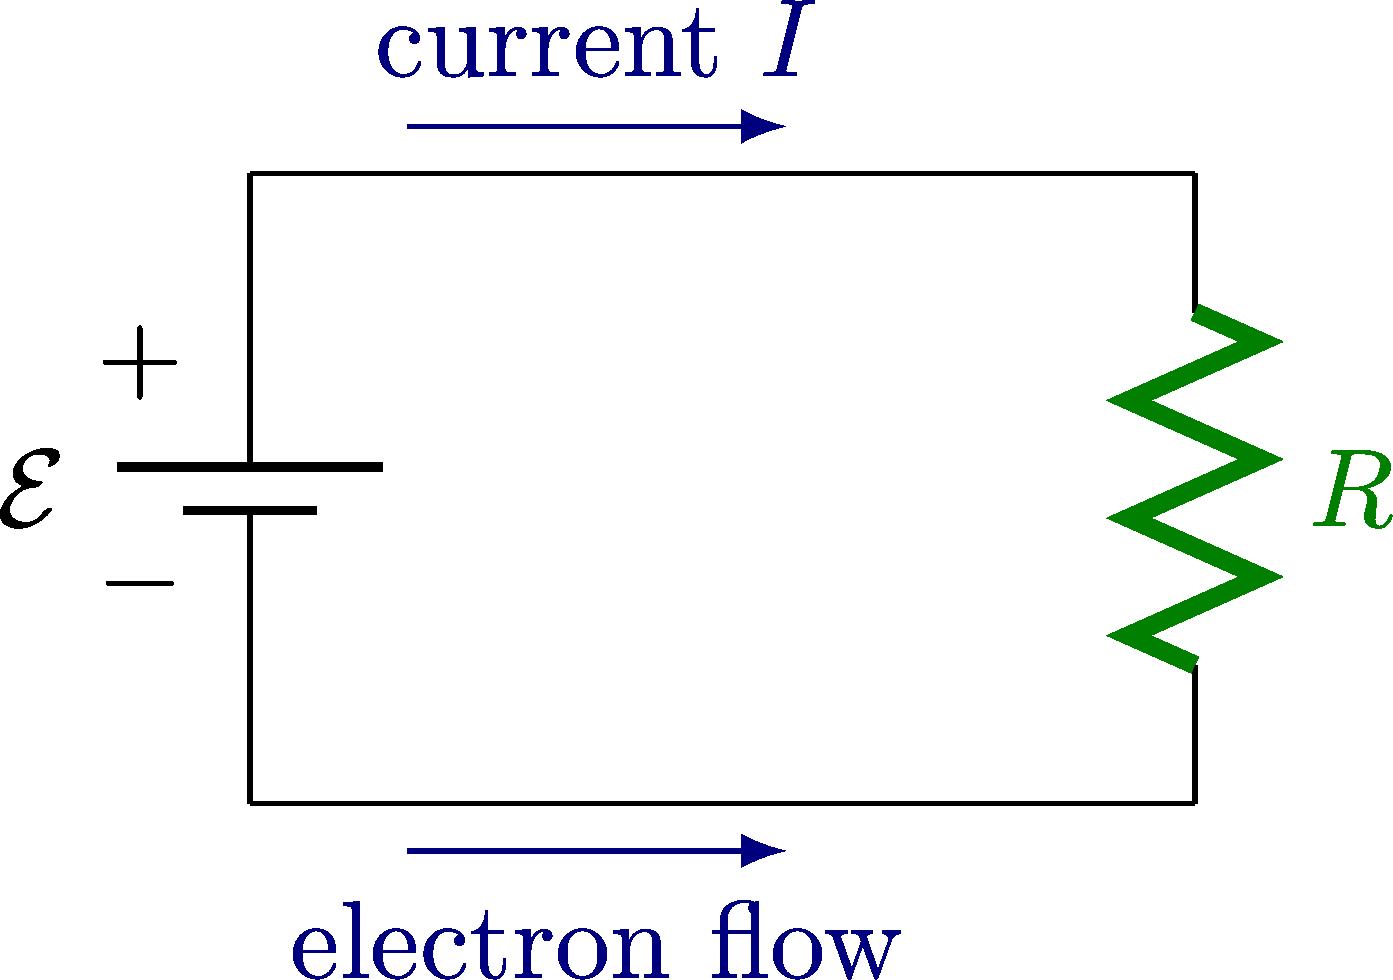 electric_circuit_resistor-002.png